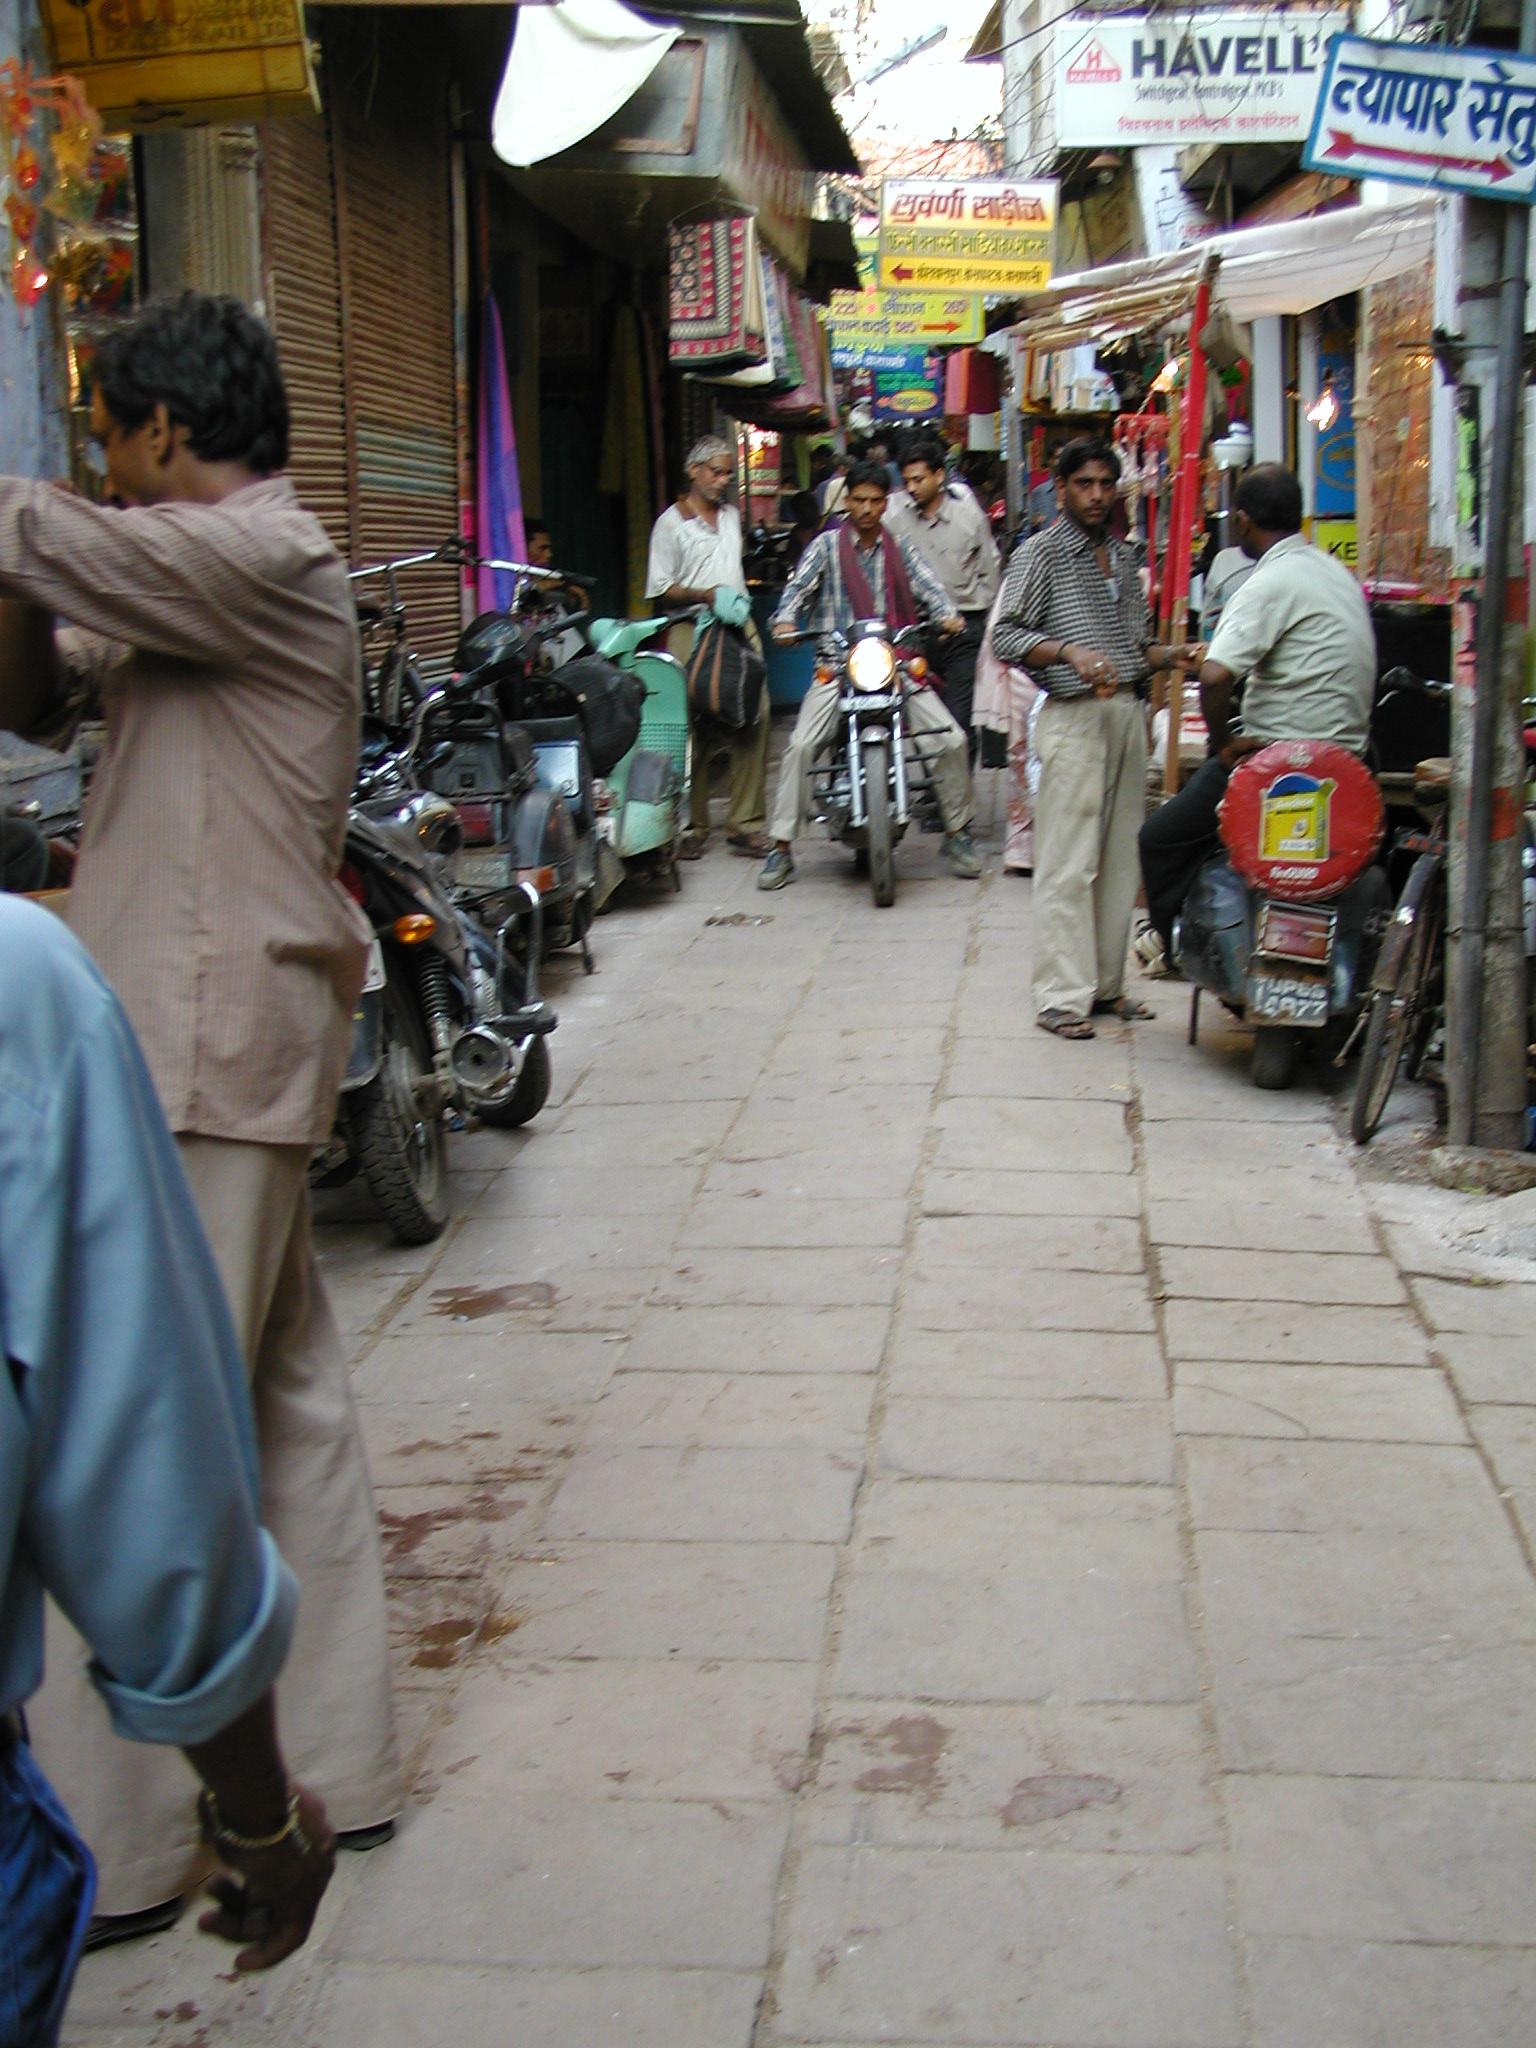 An alley in Varanasi